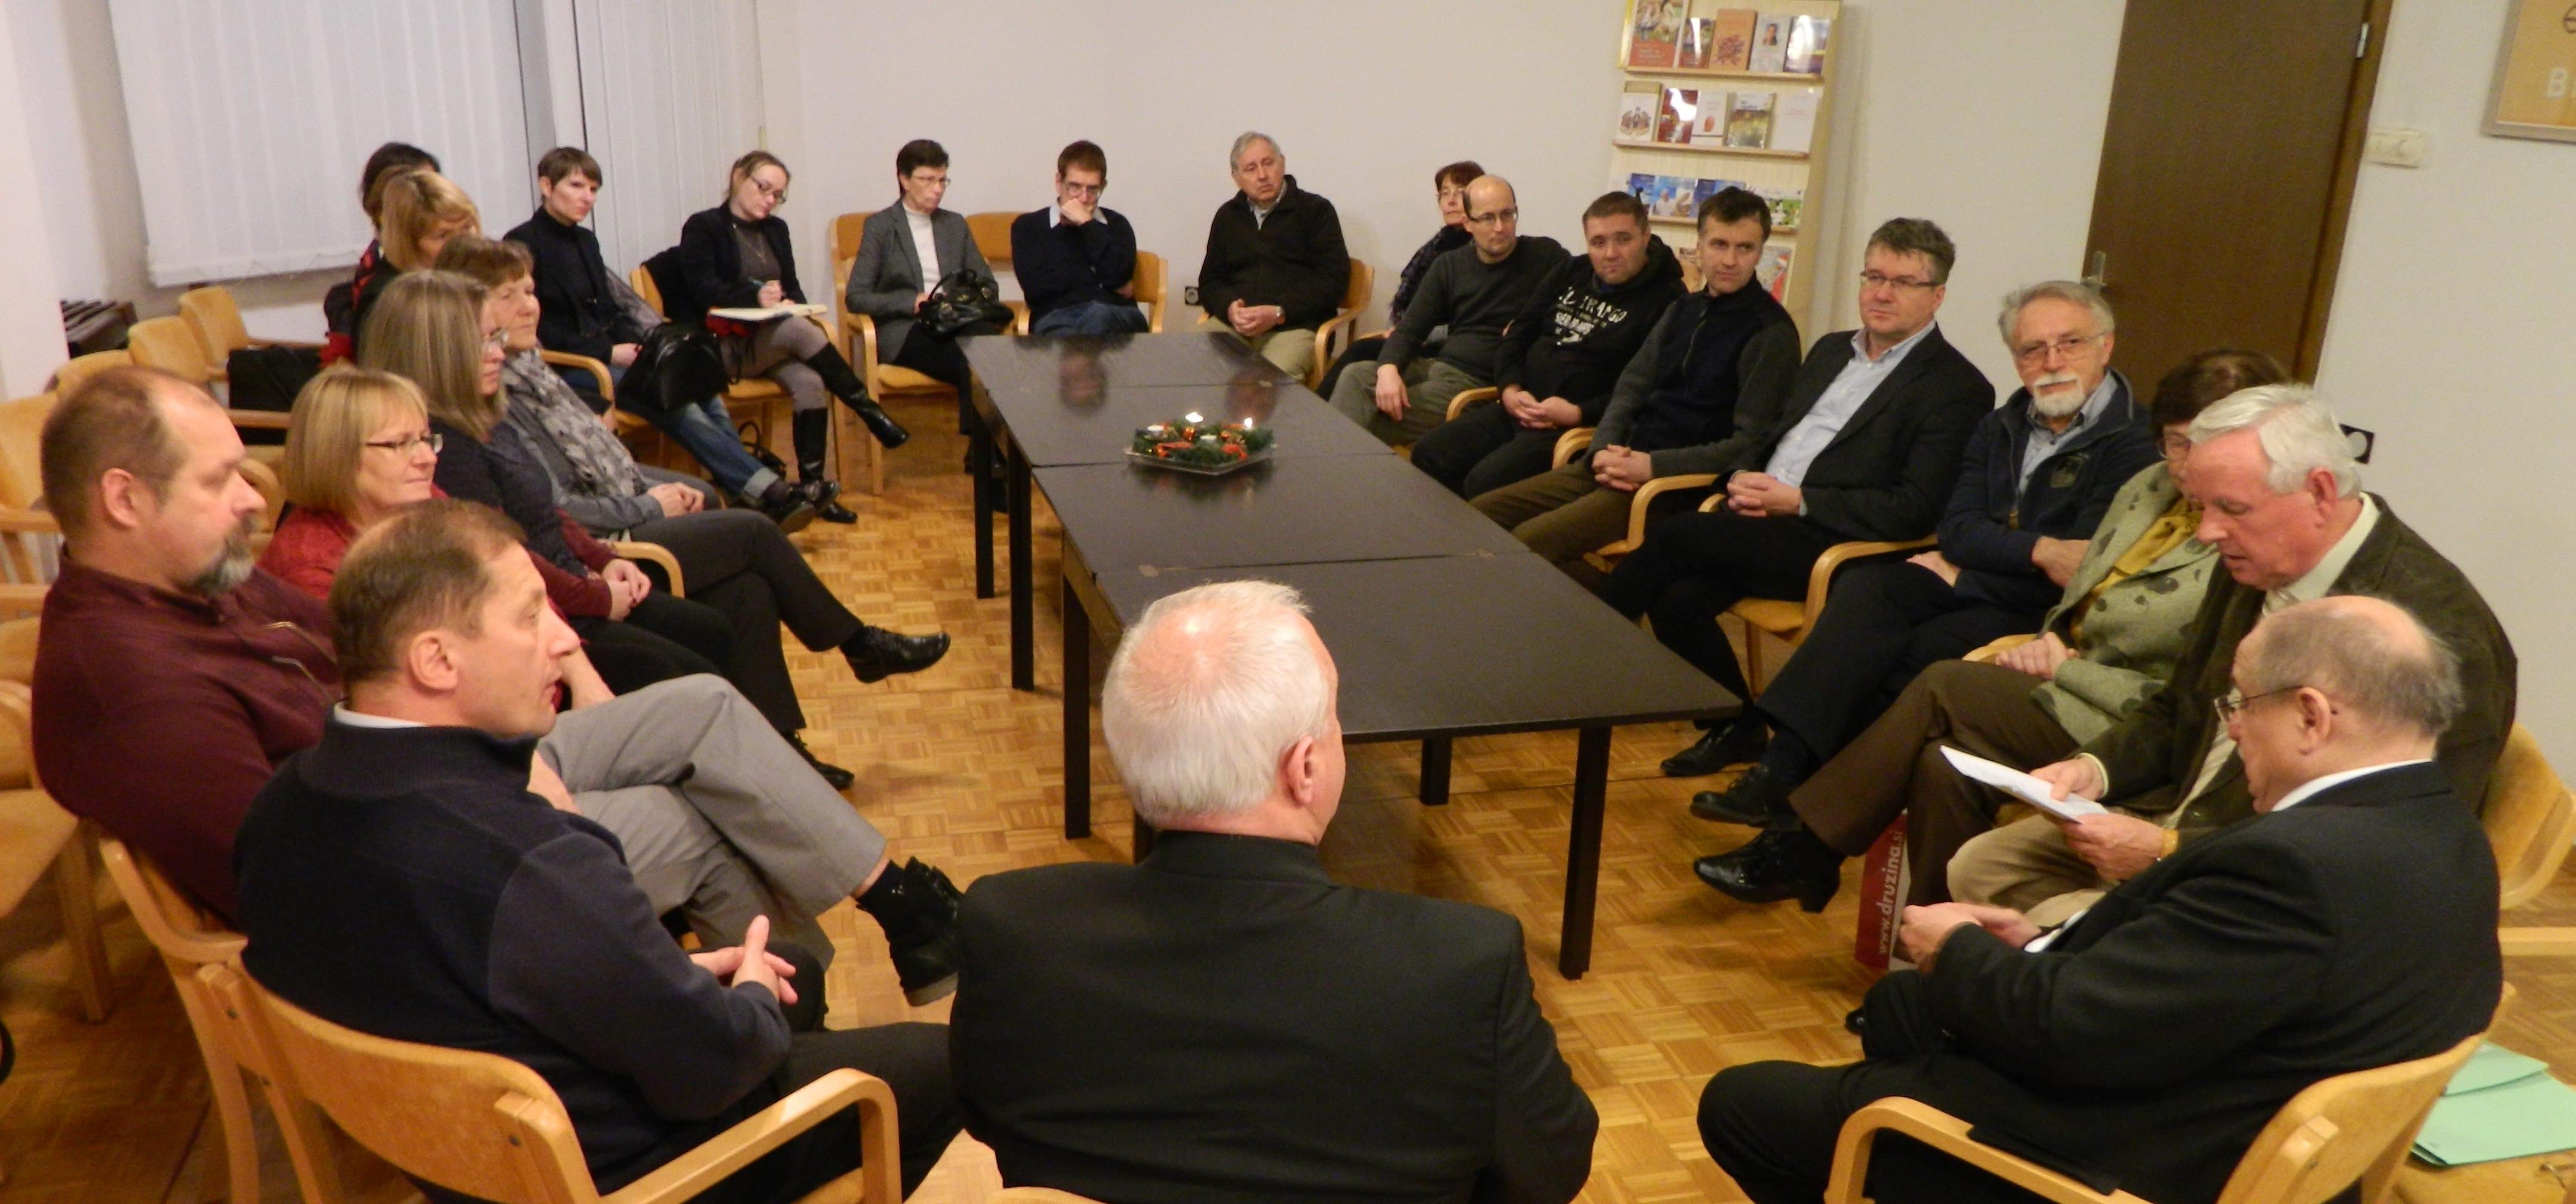 Slowenien: neue Schritte im Miteinander für Europa